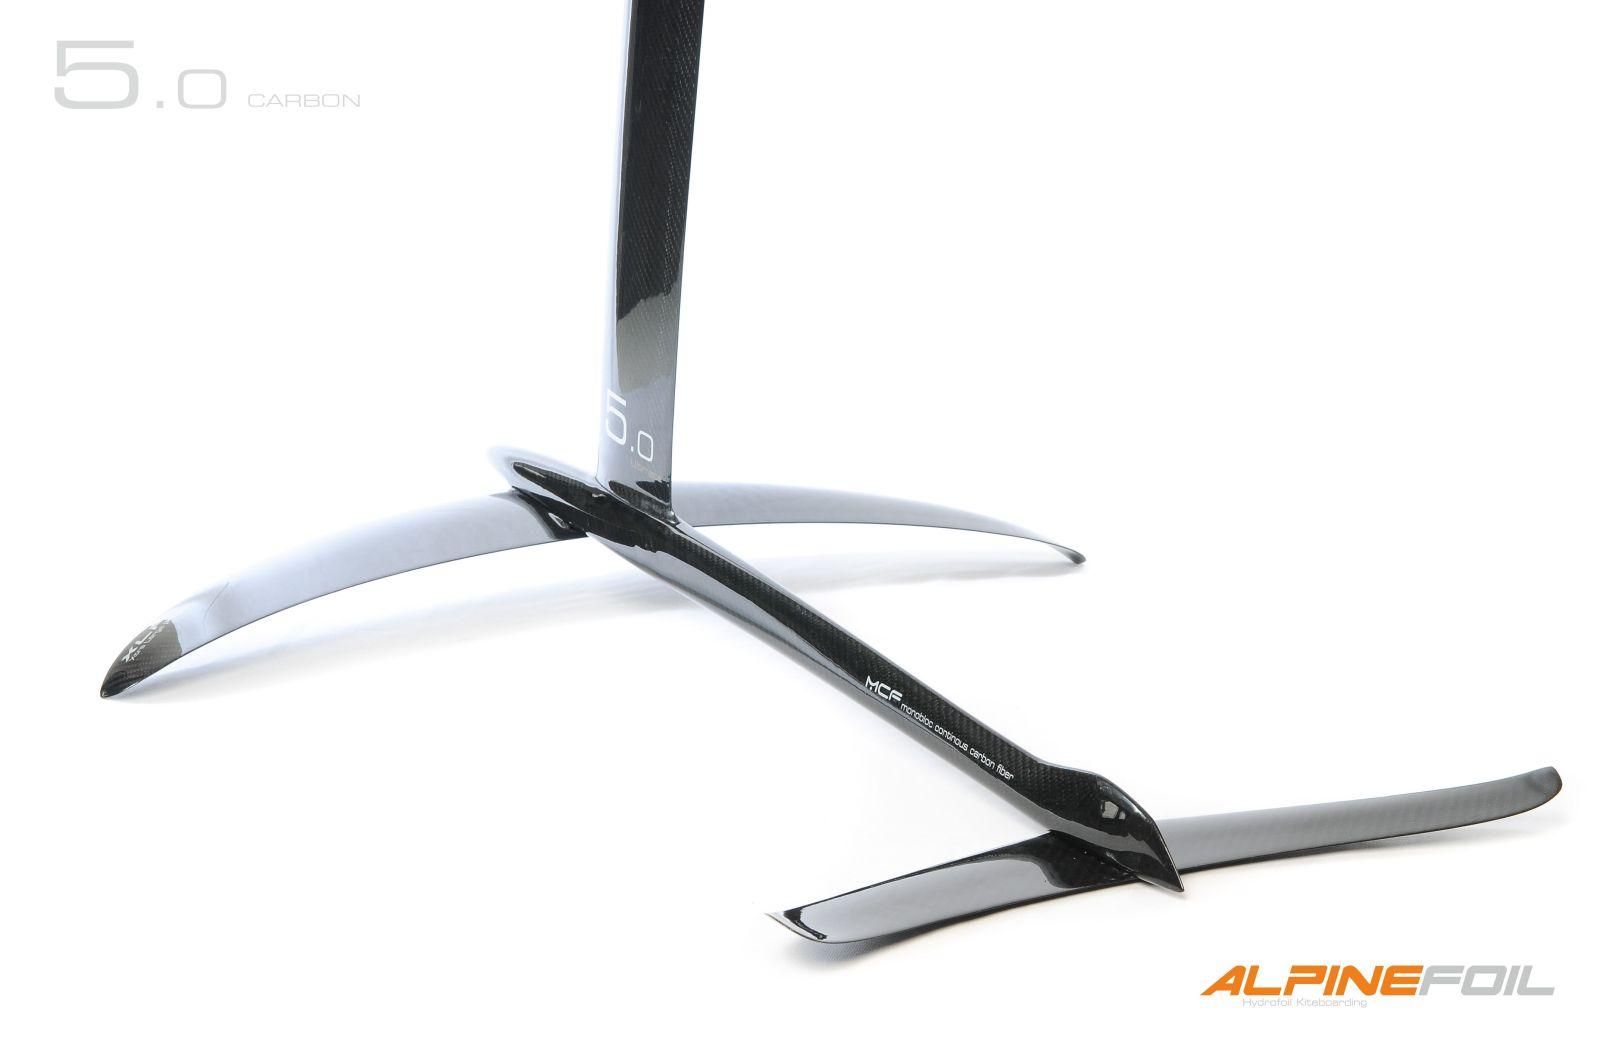 Kitefoil alpinefoil carbon 5 0 v2 1665 1